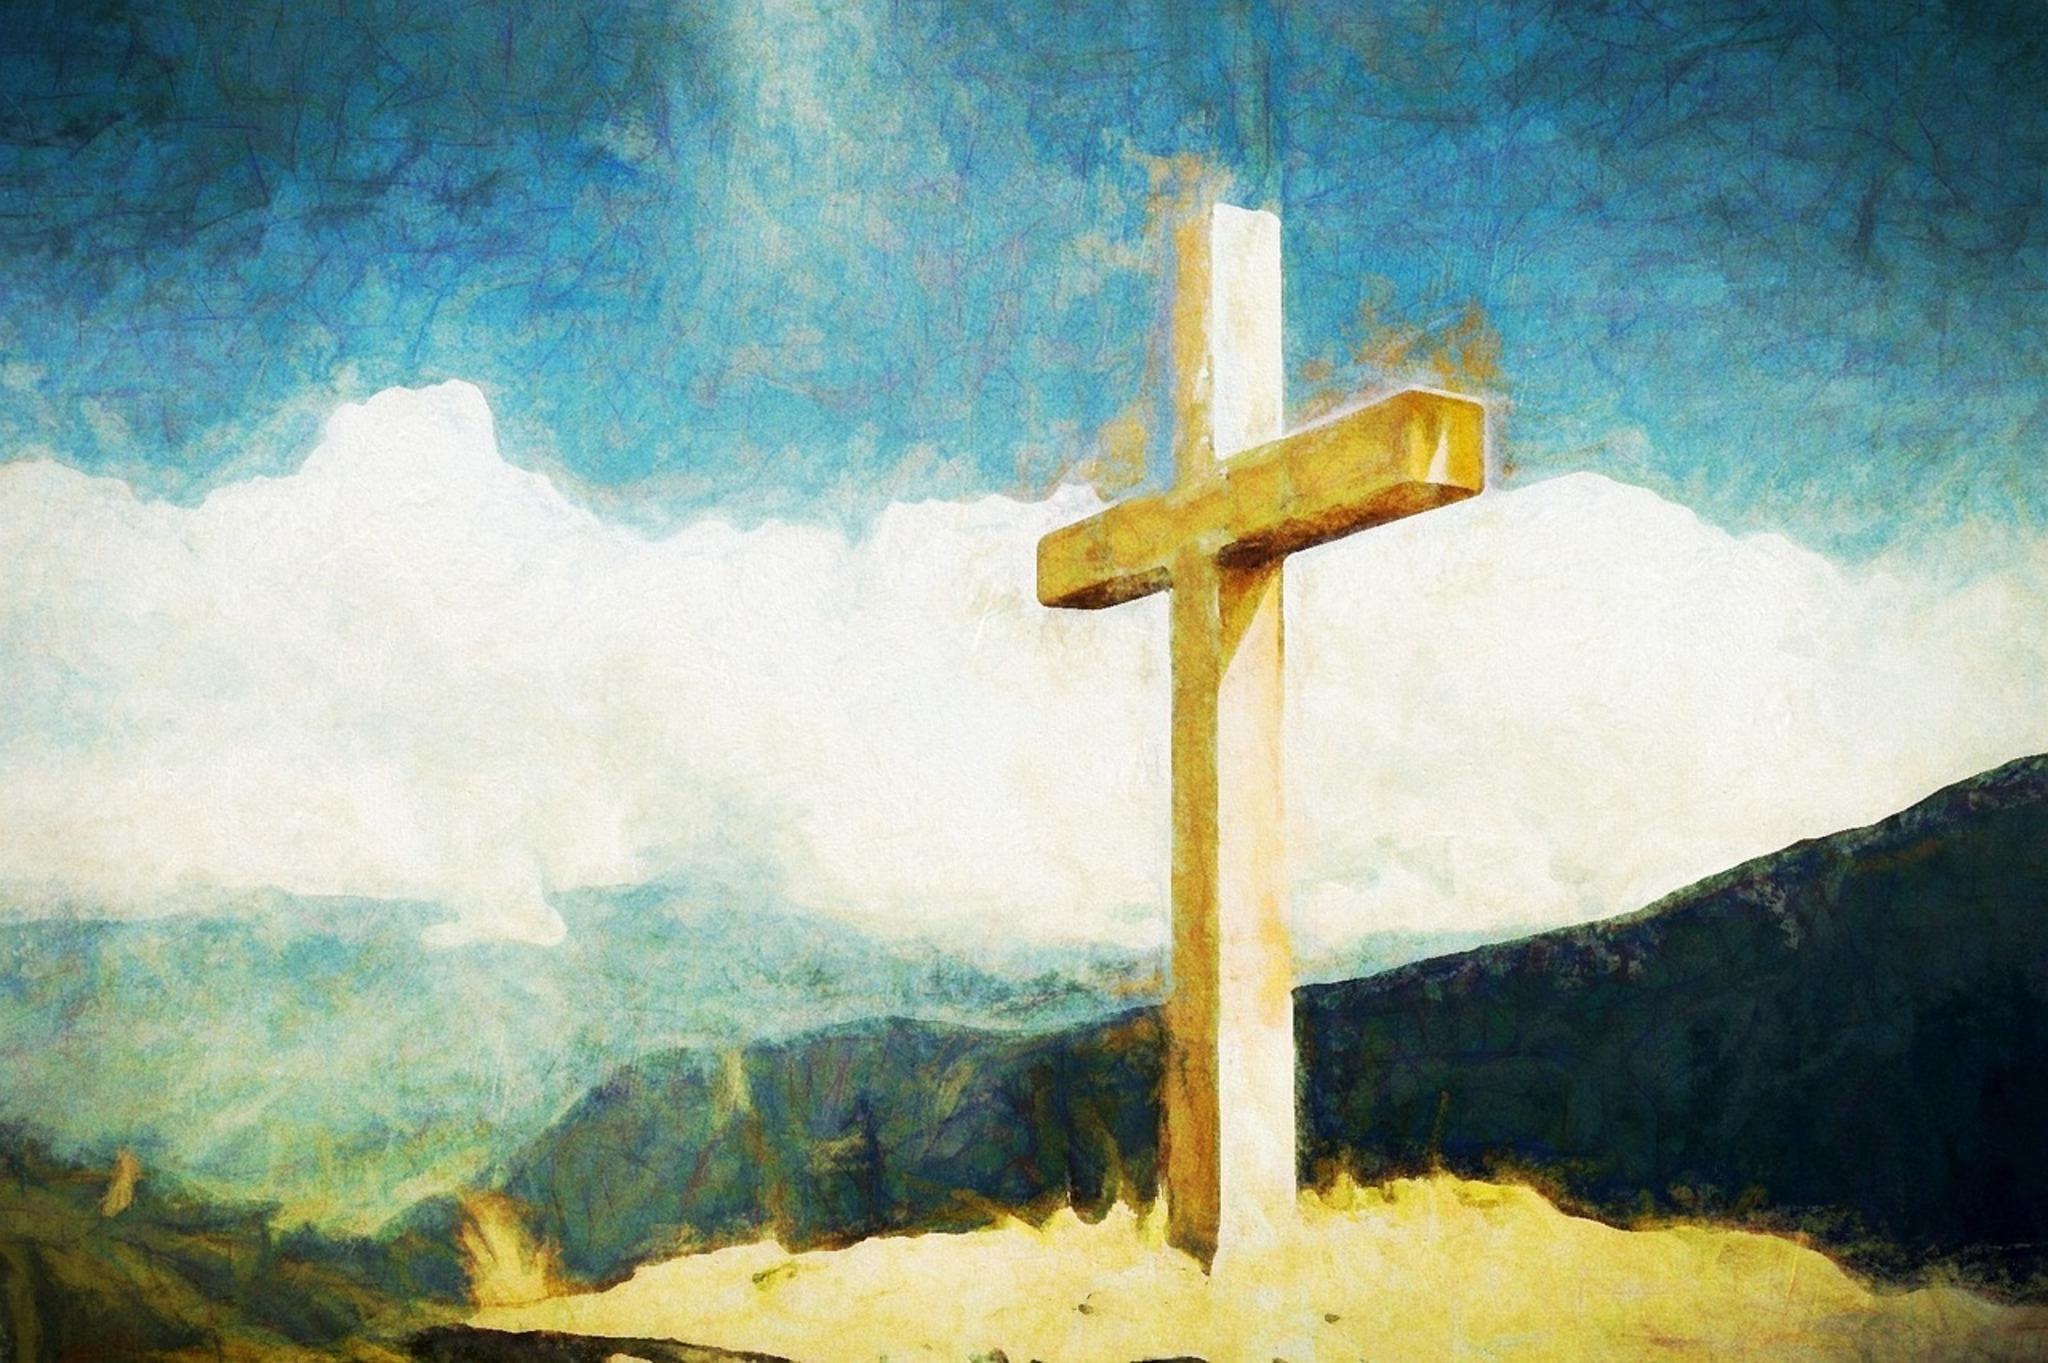 ¿Cuál es la versión islámica de la crucifixión y la resurrección? ¿Es esta compatible con como lo relatan los Evangelios?